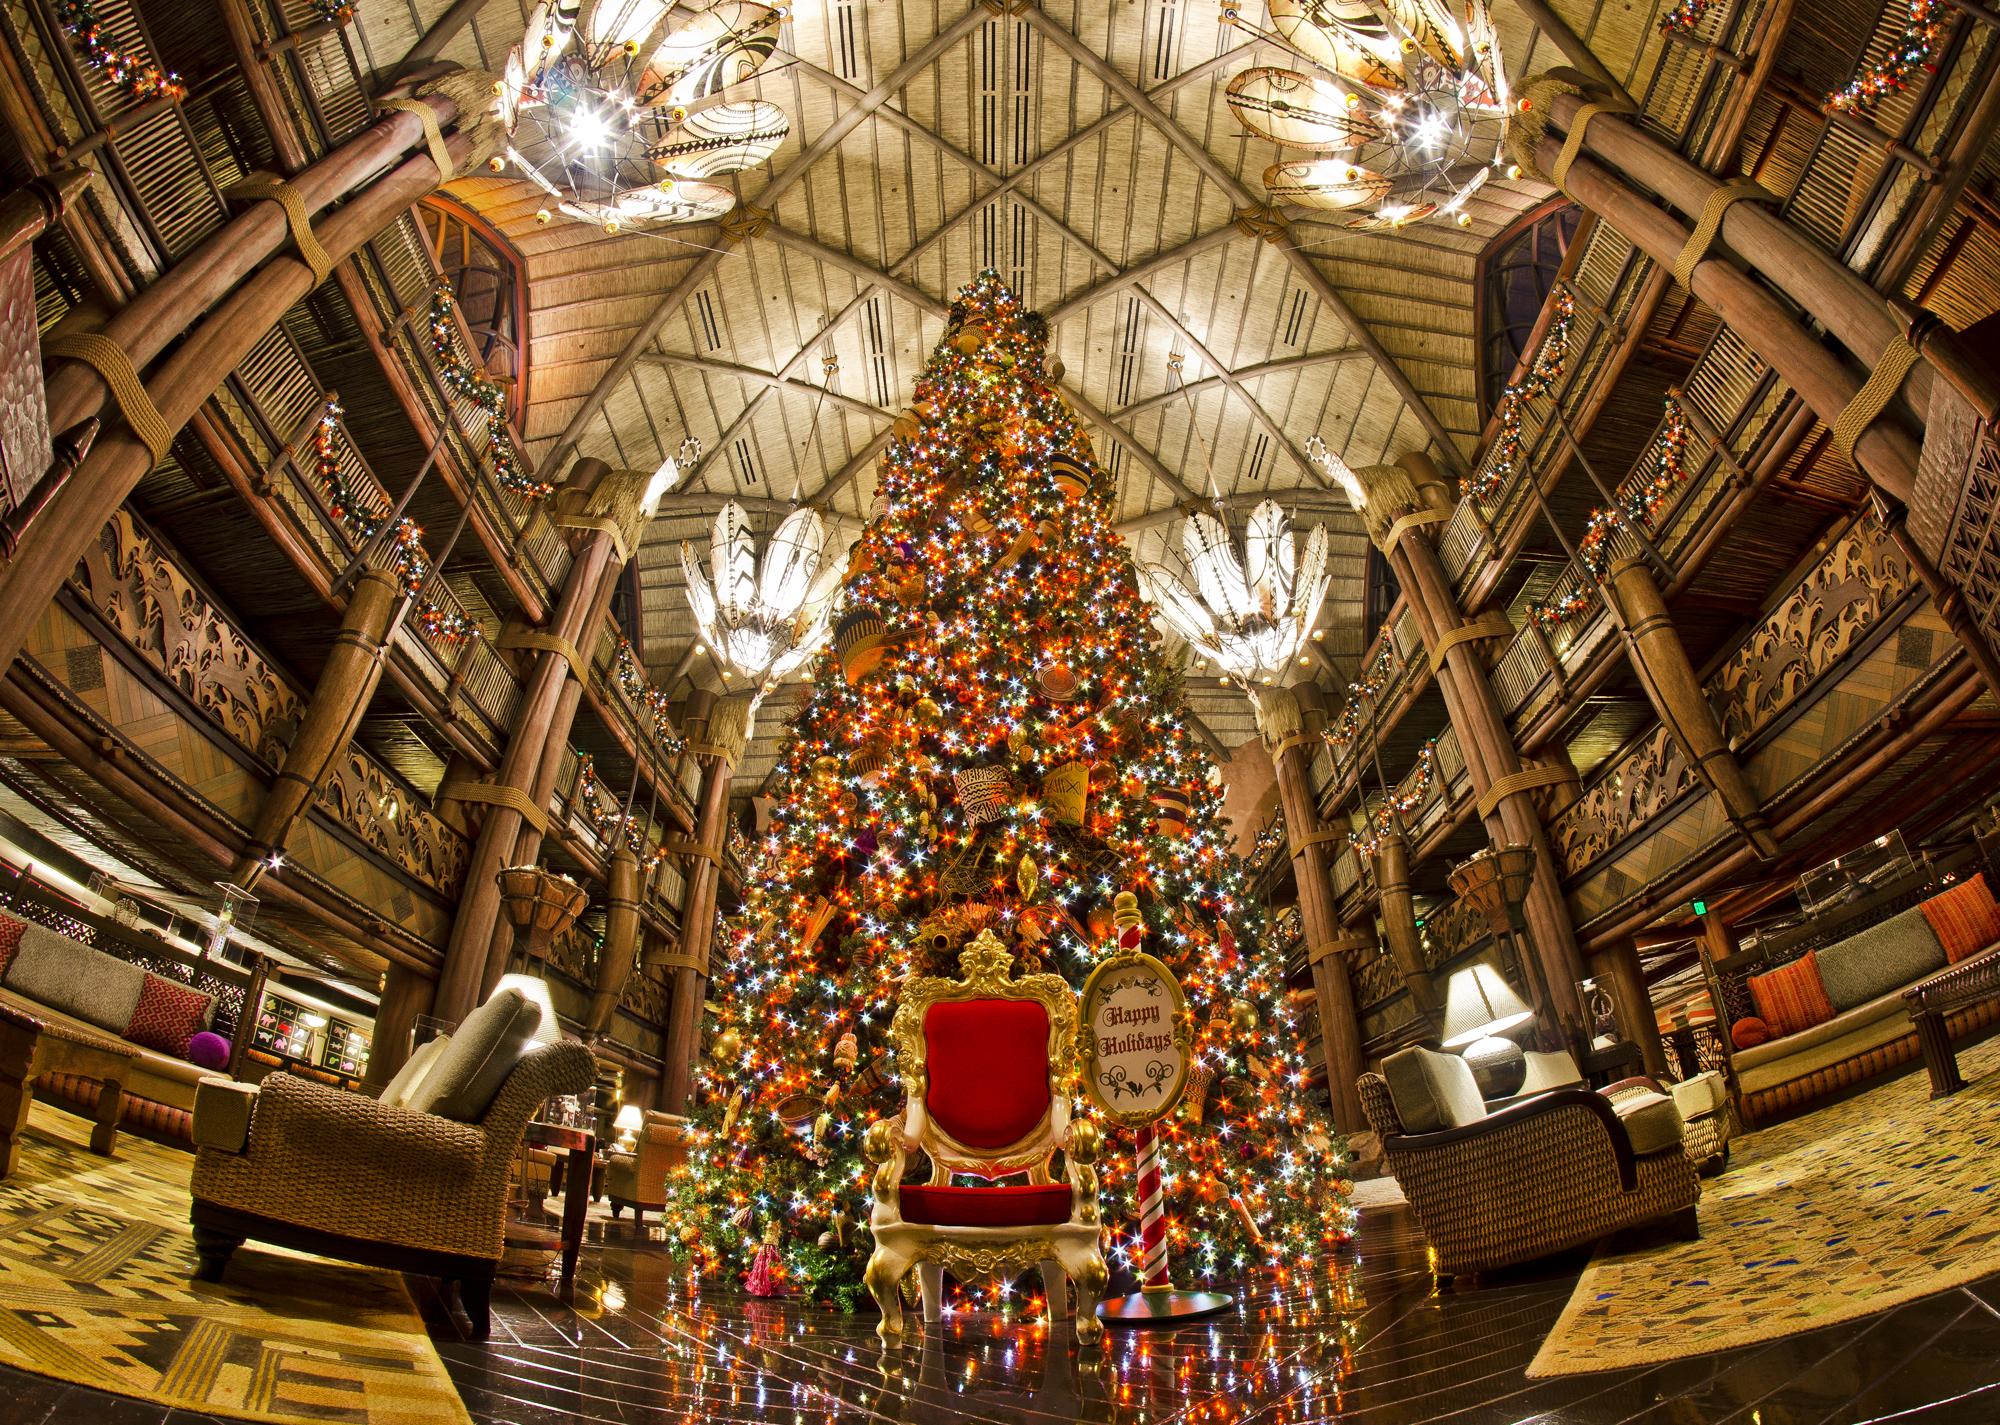 無料写真素材 行事・イベント クリスマス クリスマスツリー画像素材なら!無料・フリー写真素材のフリーフォト